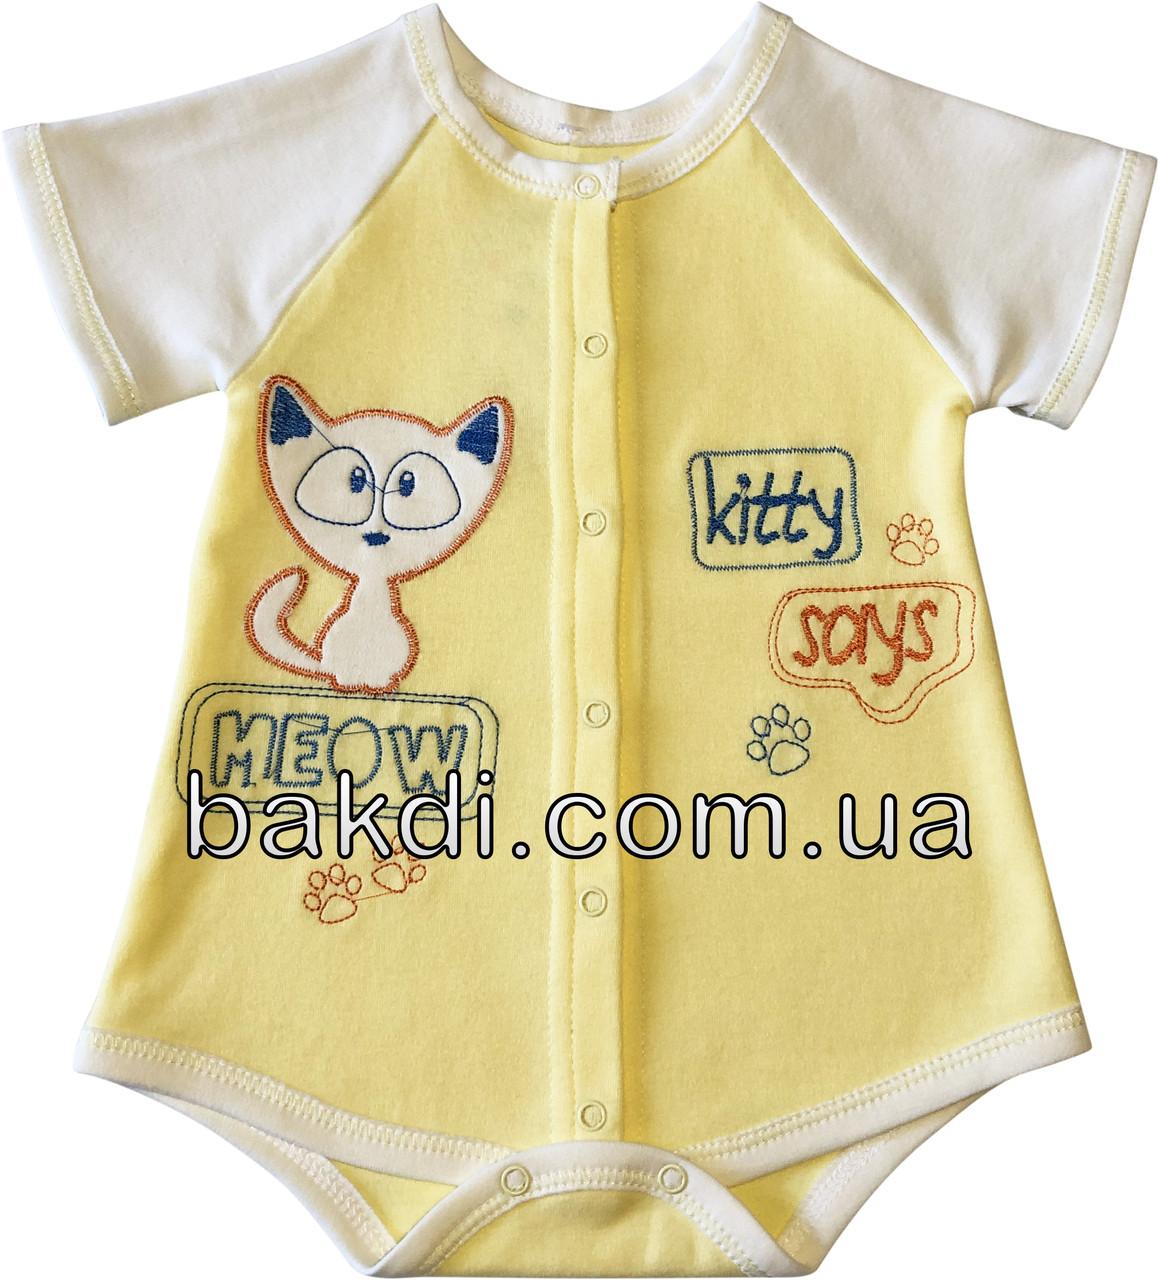 Дитяче літнє боді ріст 56 0-2 міс інтерлок жовтий на хлопчика дівчинку з коротким рукавом для